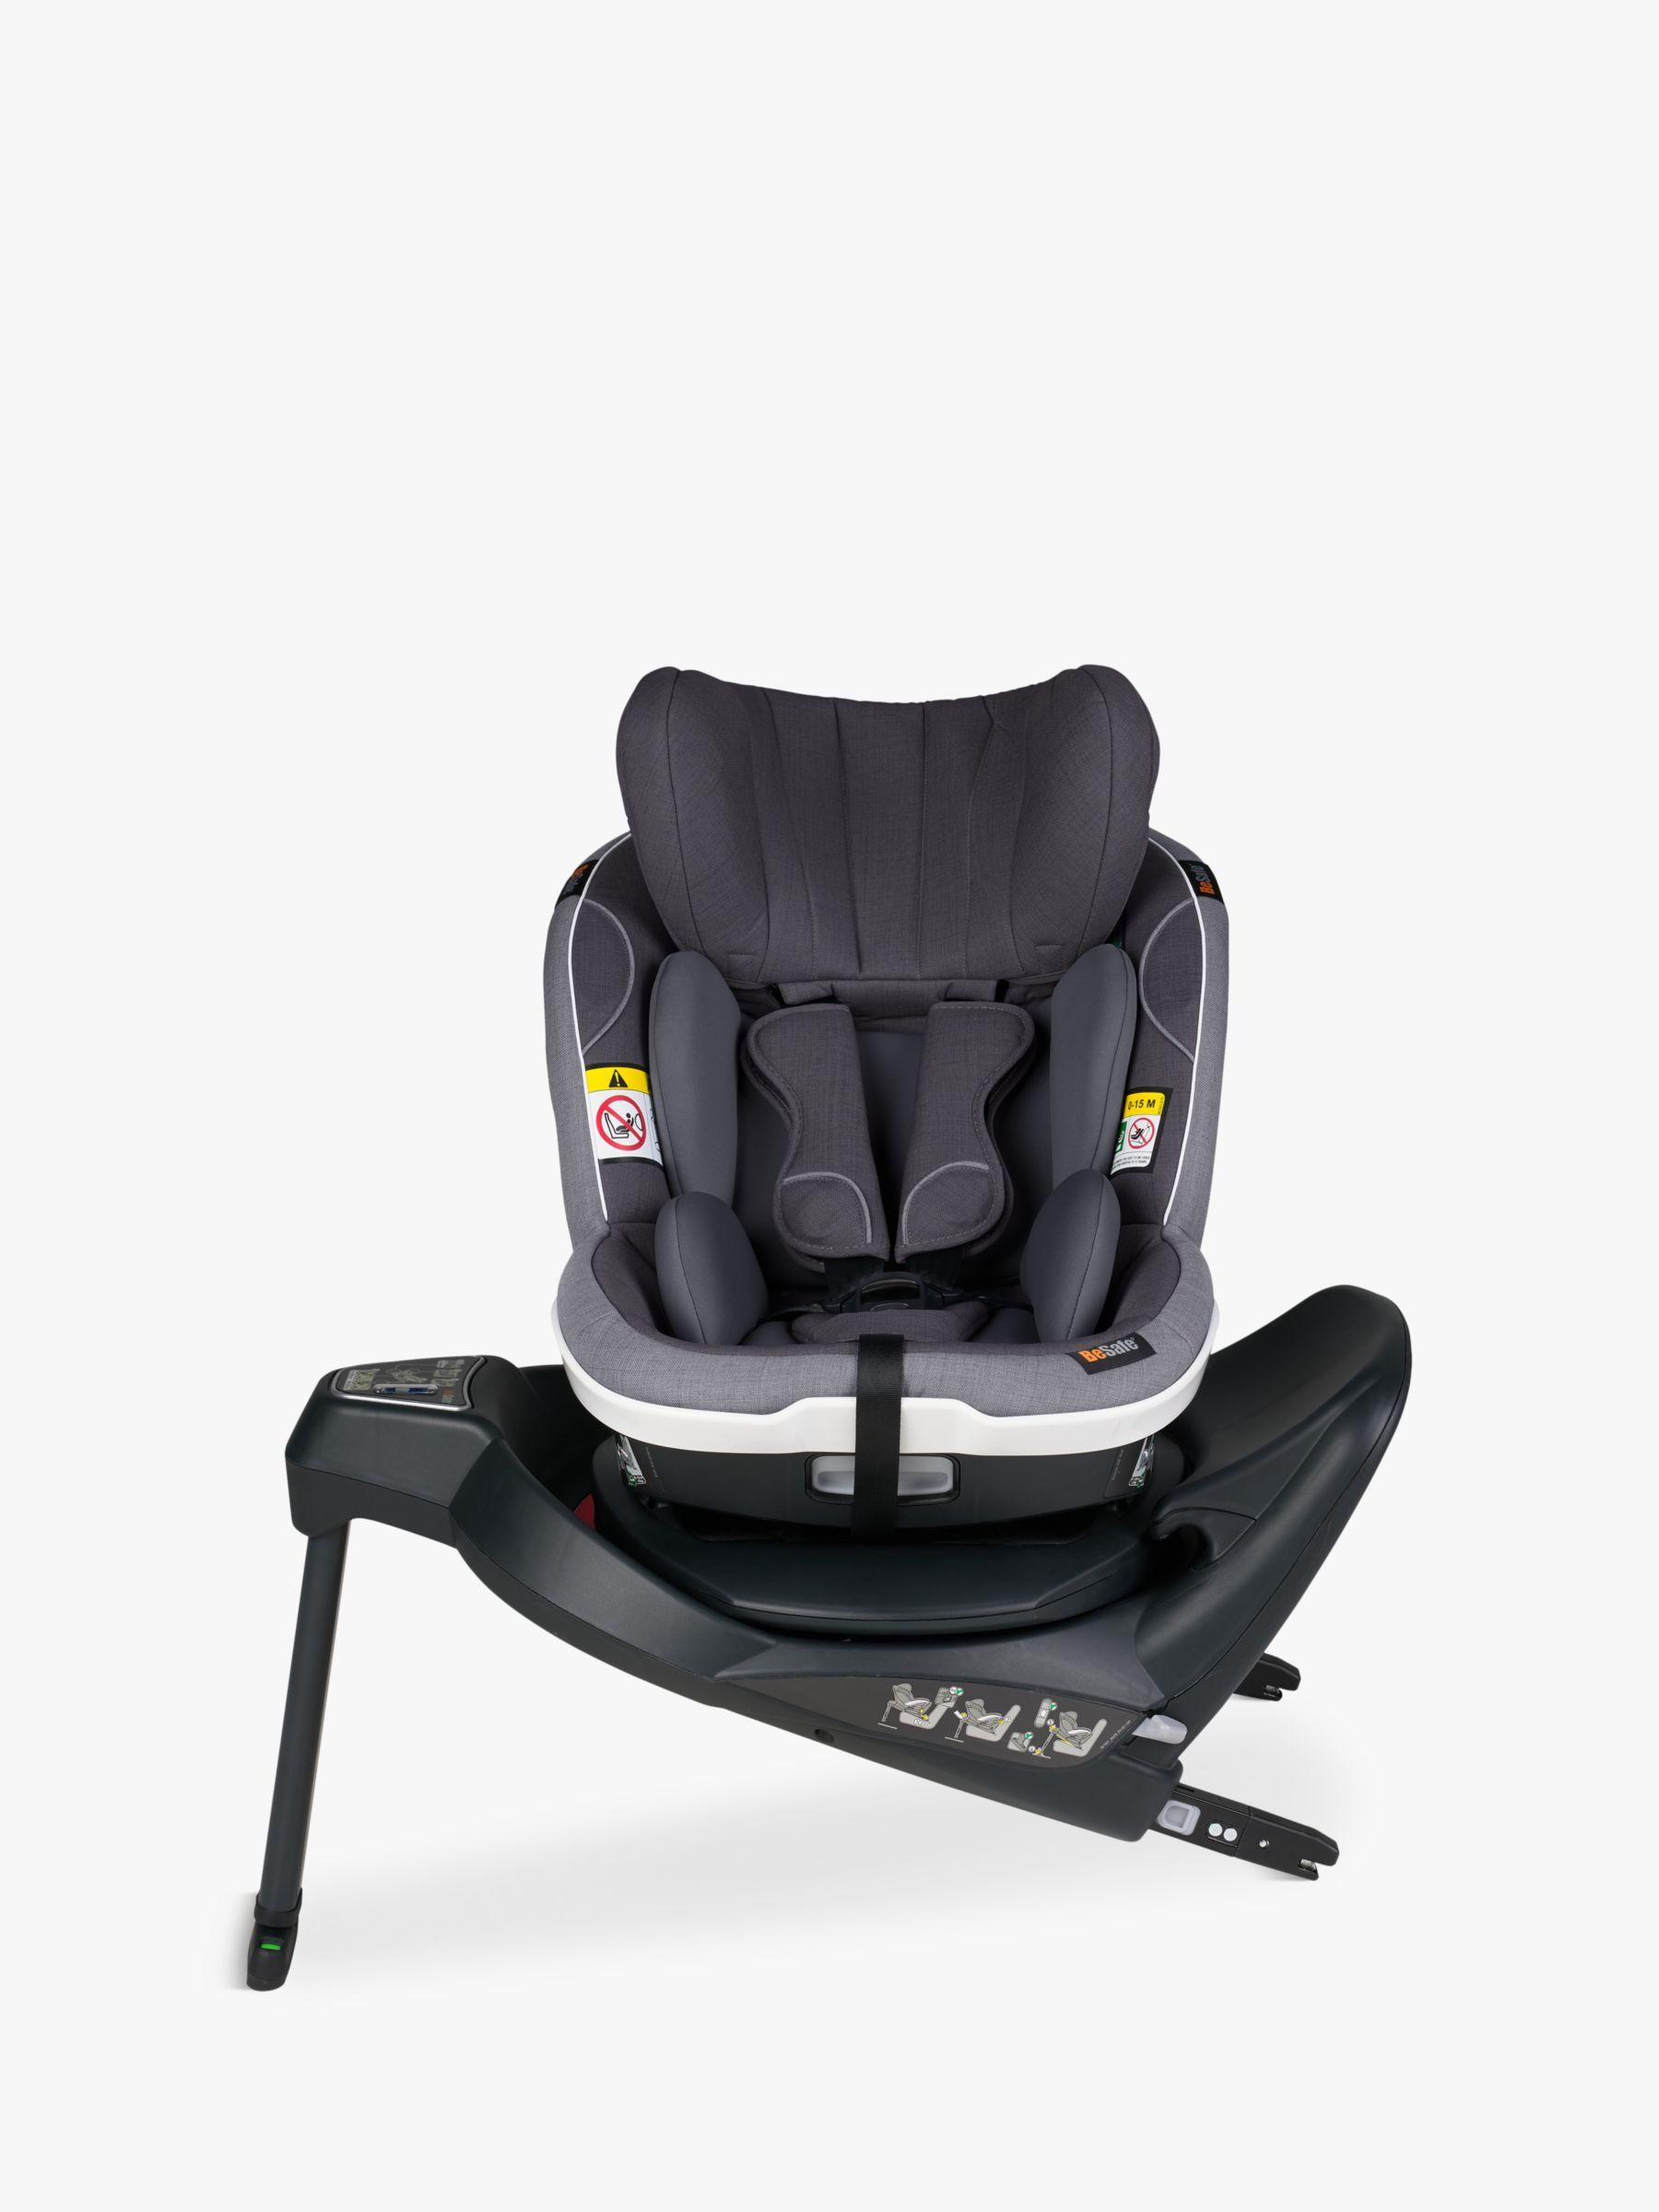 BeSafe BeSafe iZi Turn i-Size Group 1 Car Seat, Metallic Melange